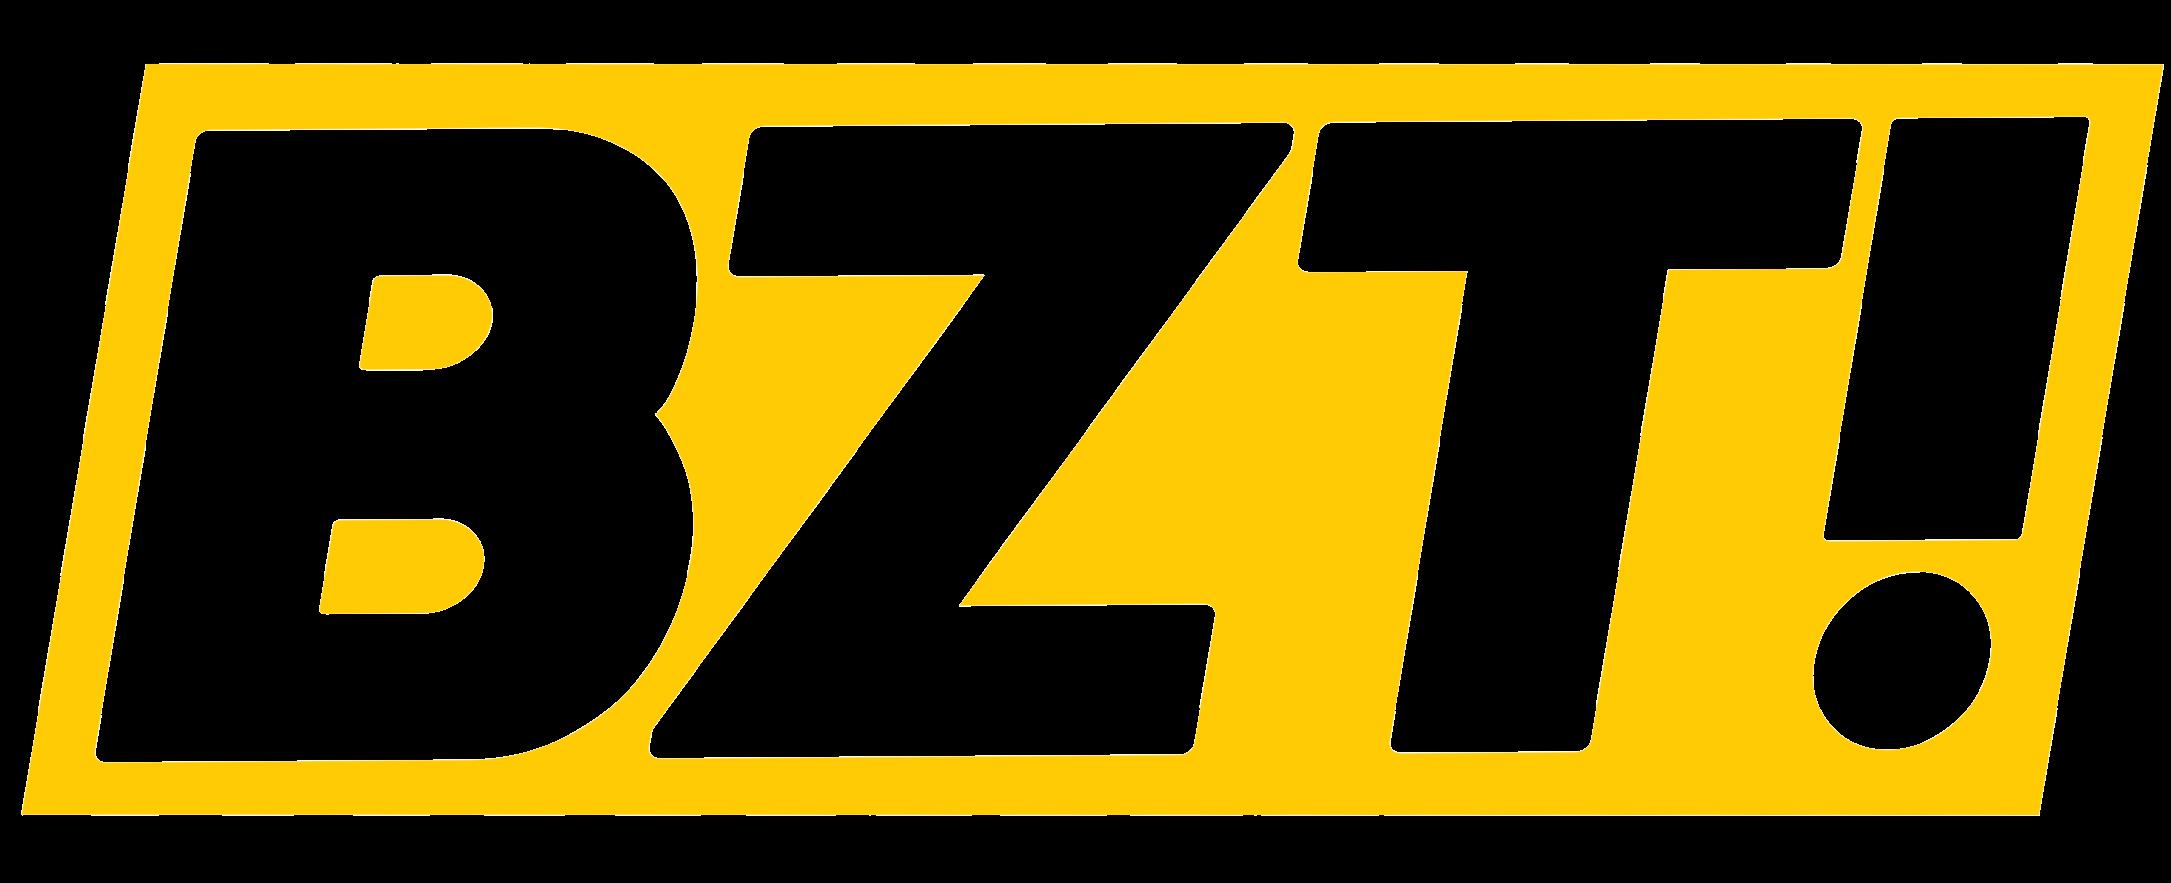 BZT! Podcasts, trilhas sonoras, voz e sound design para filmes, games e publicidade